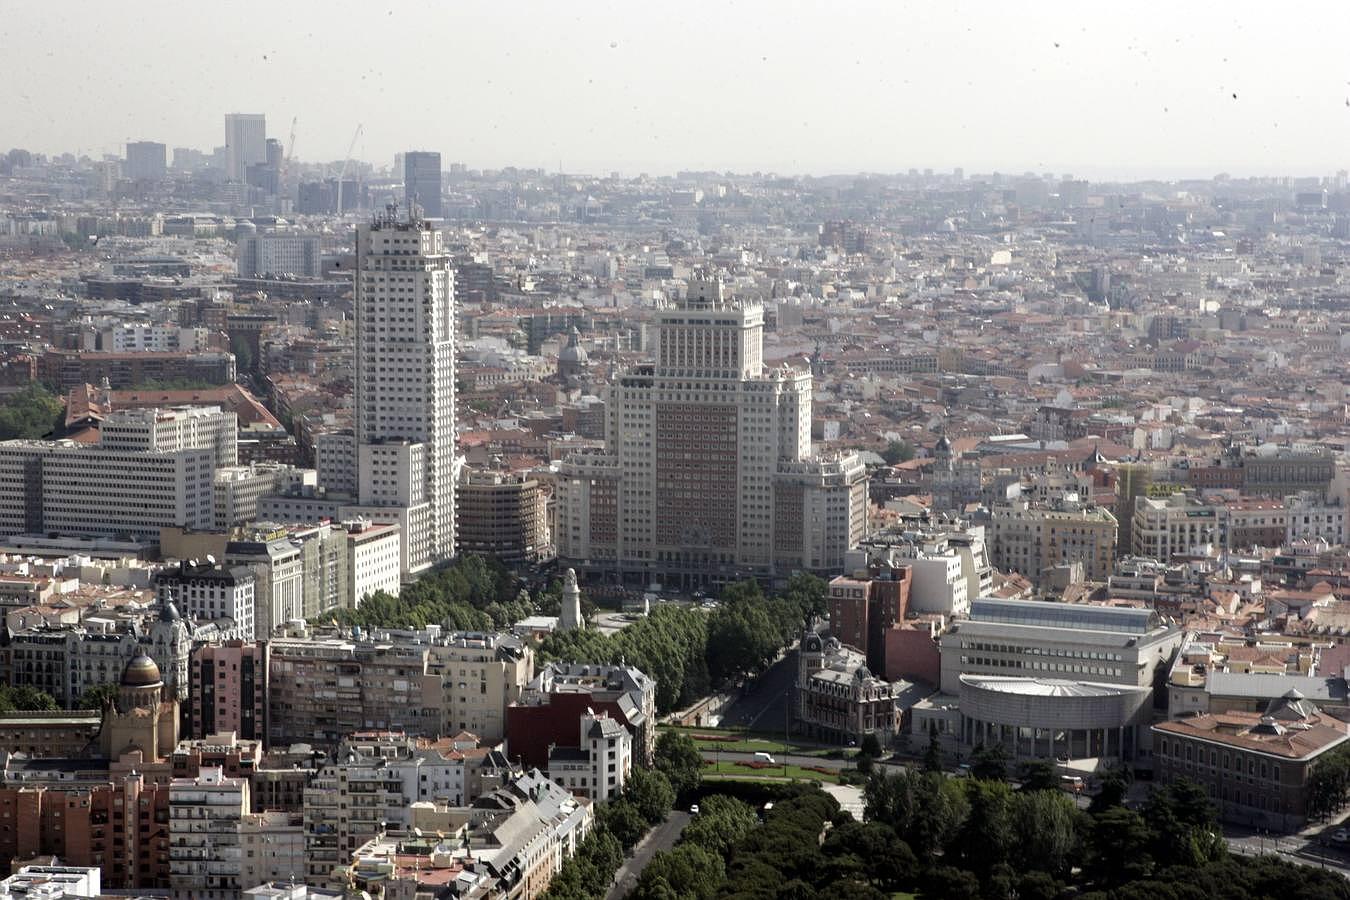 Edificio-espana-chema-barroso_xoptimizadax--1350x900